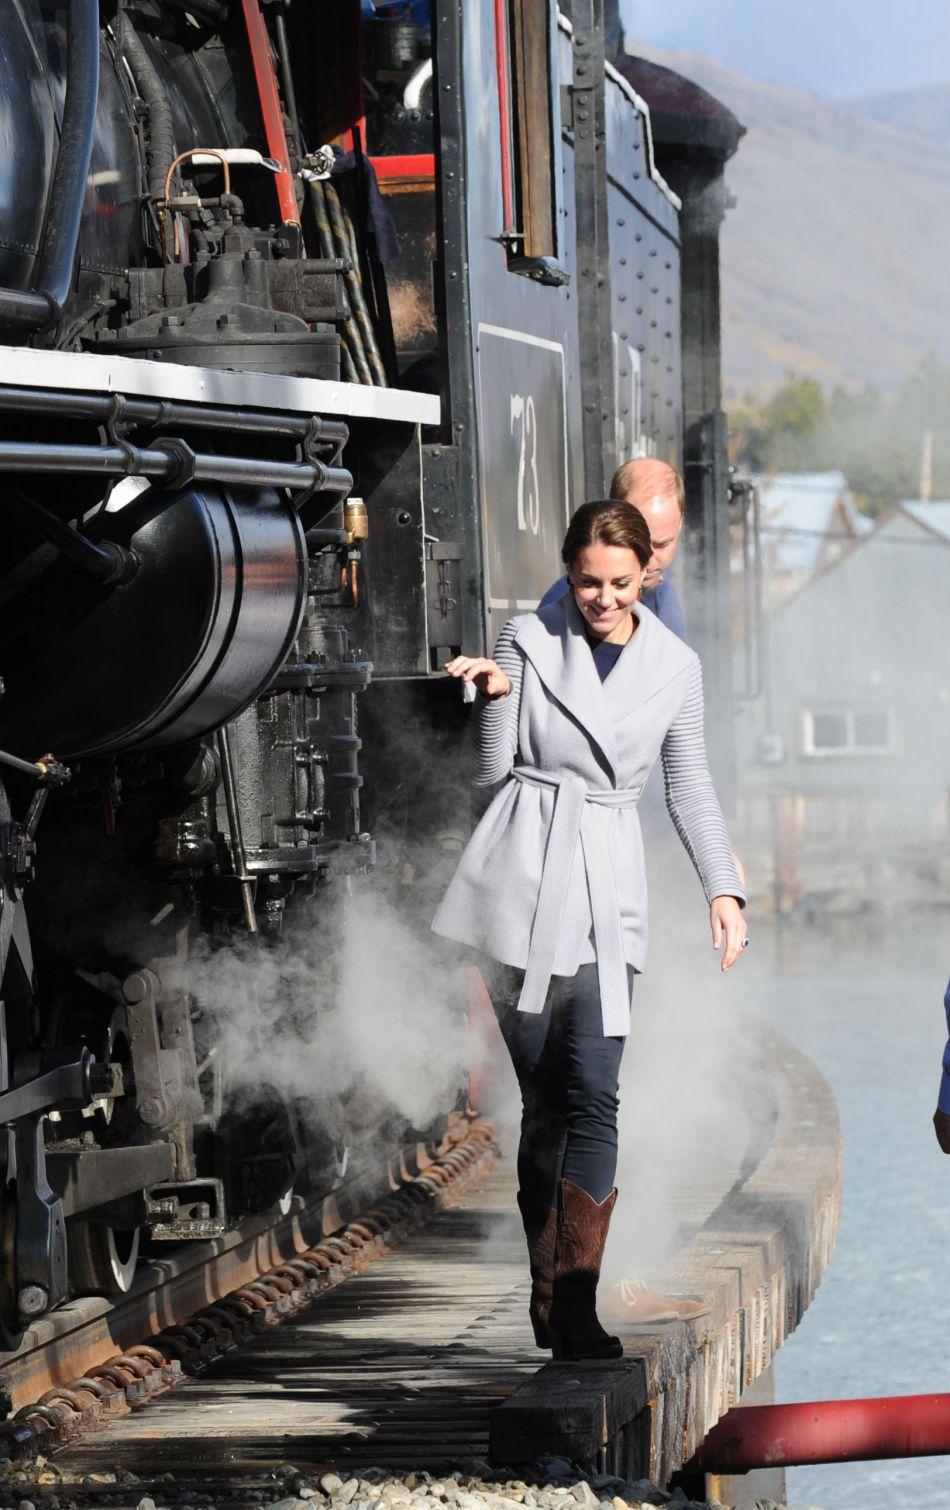 Kate Middleton, la duchesse courageuse longe une locomotive aux côtés de son mari le prince William.